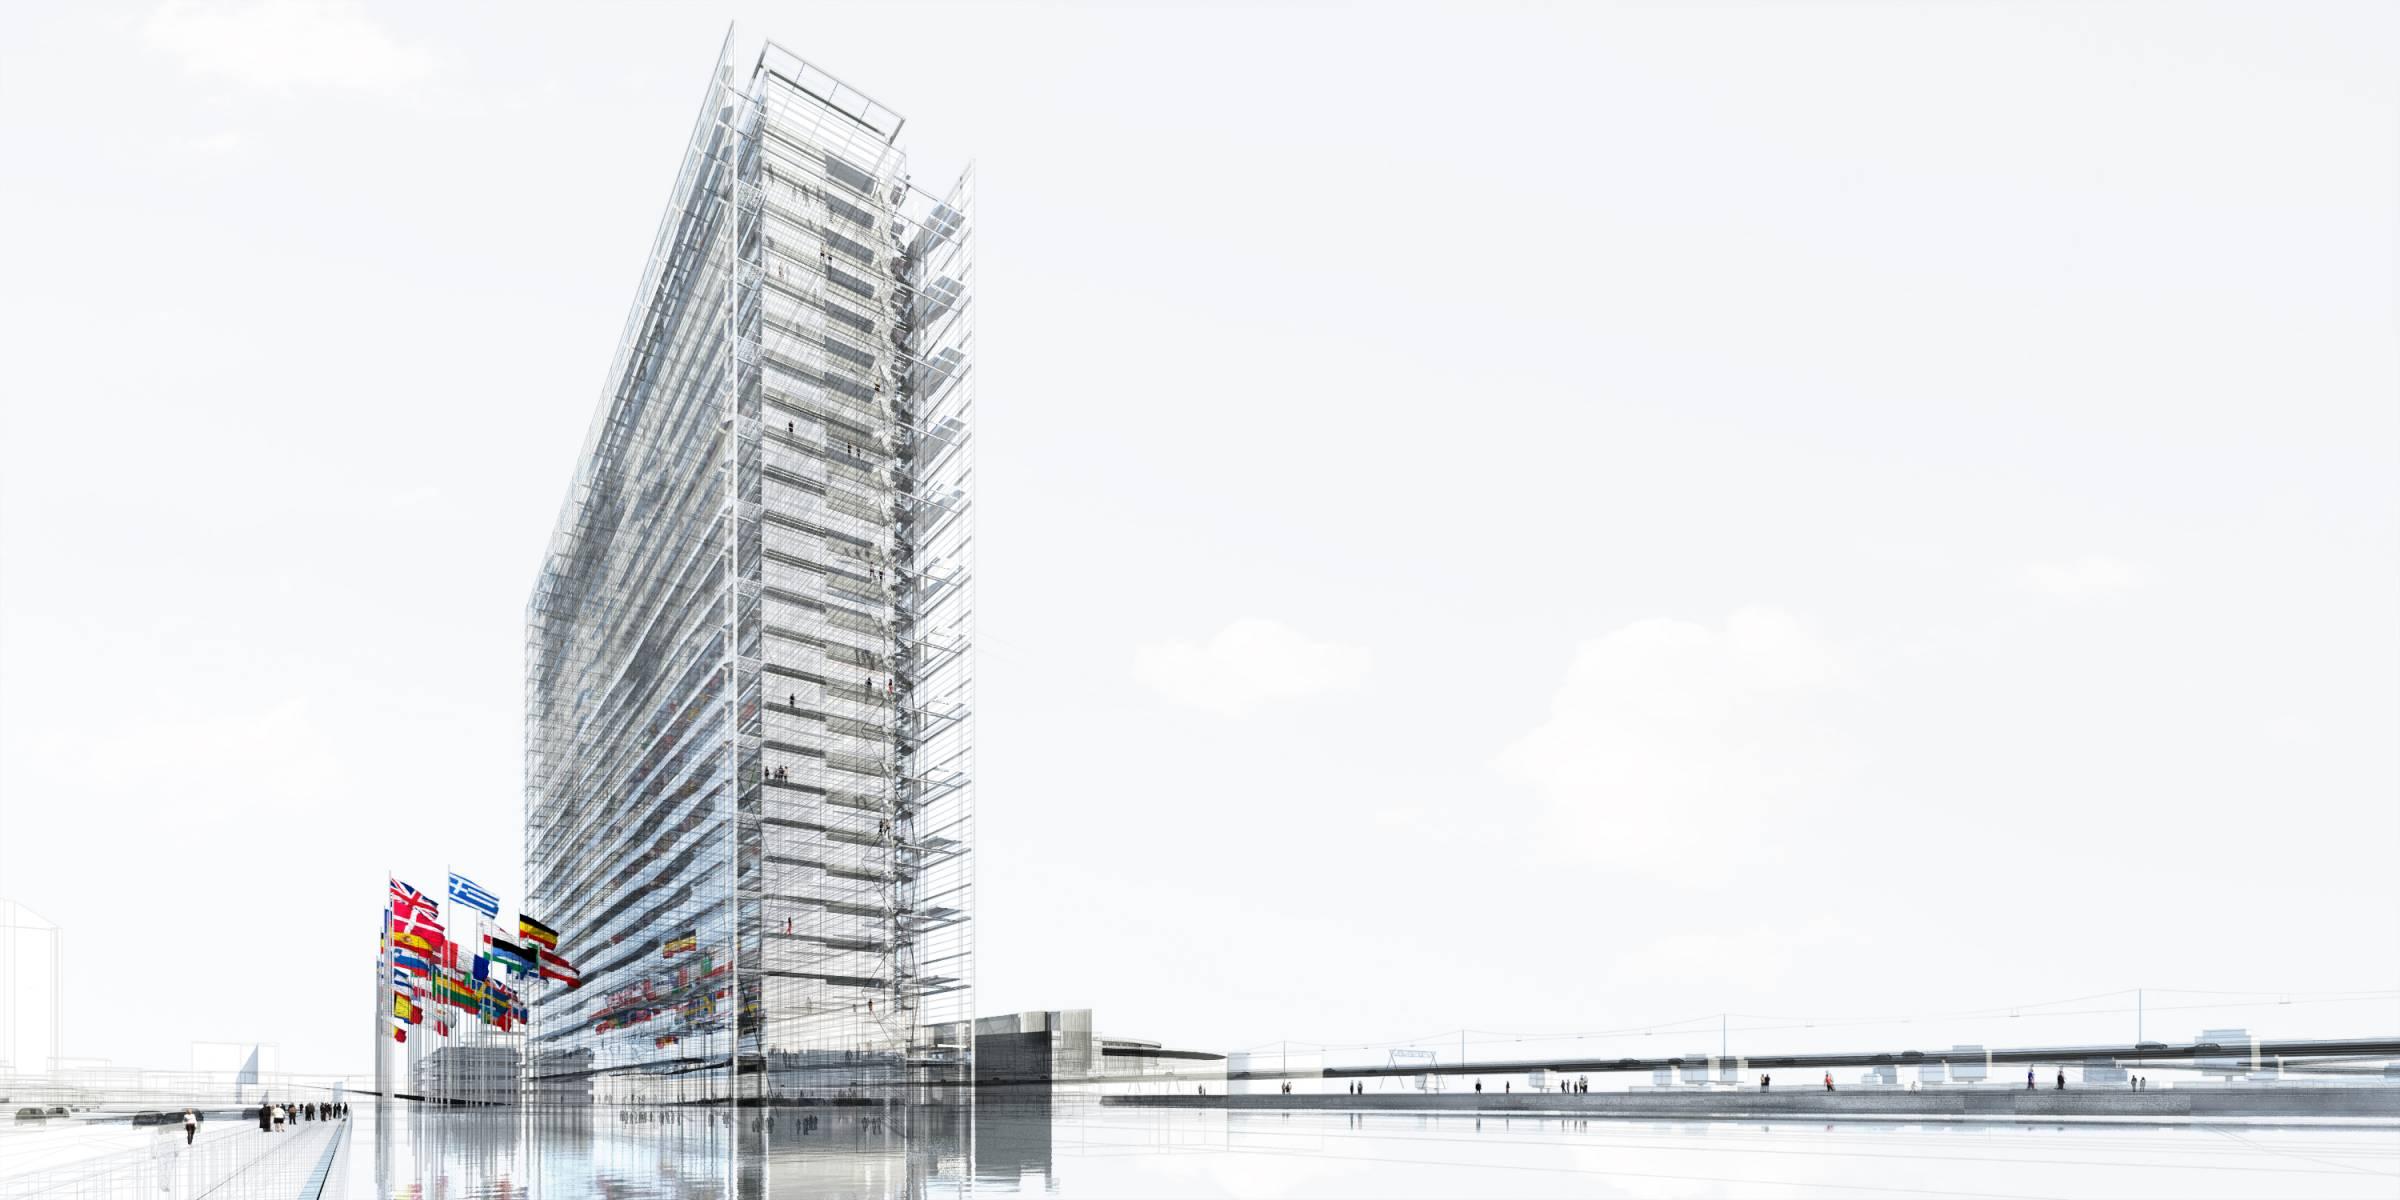 3 ajn dpa tbi rijswijk epo exterior e 2 perspective view from pond 2400x1200 - L'expérience de l'horizontalité vue par Jean Nouvel avec l'ouverture d'un nouveau bureau européen des brevets aux Pays-Bas